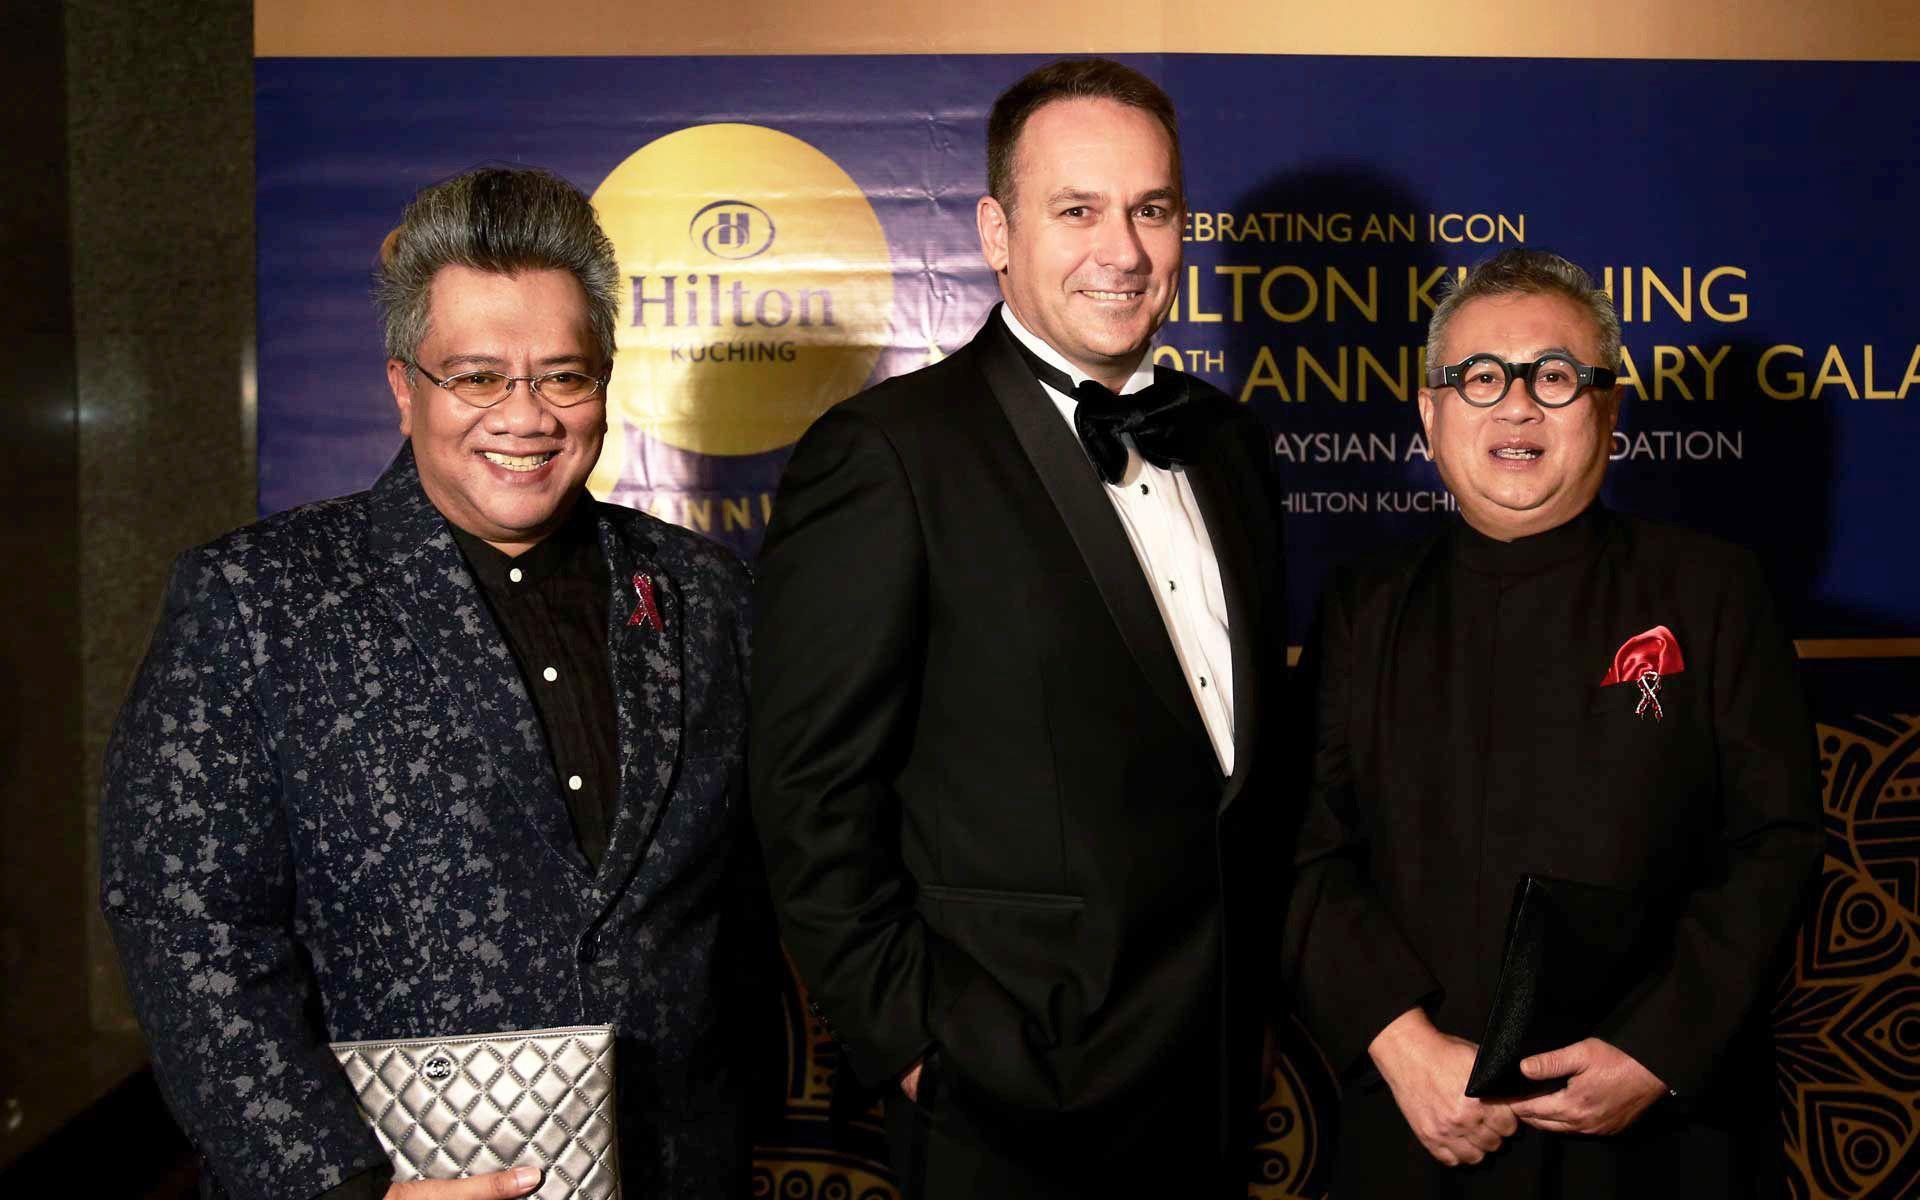 Yazlan Yahya, Hamish Watts and Chef Dato' Ismail Ahmad